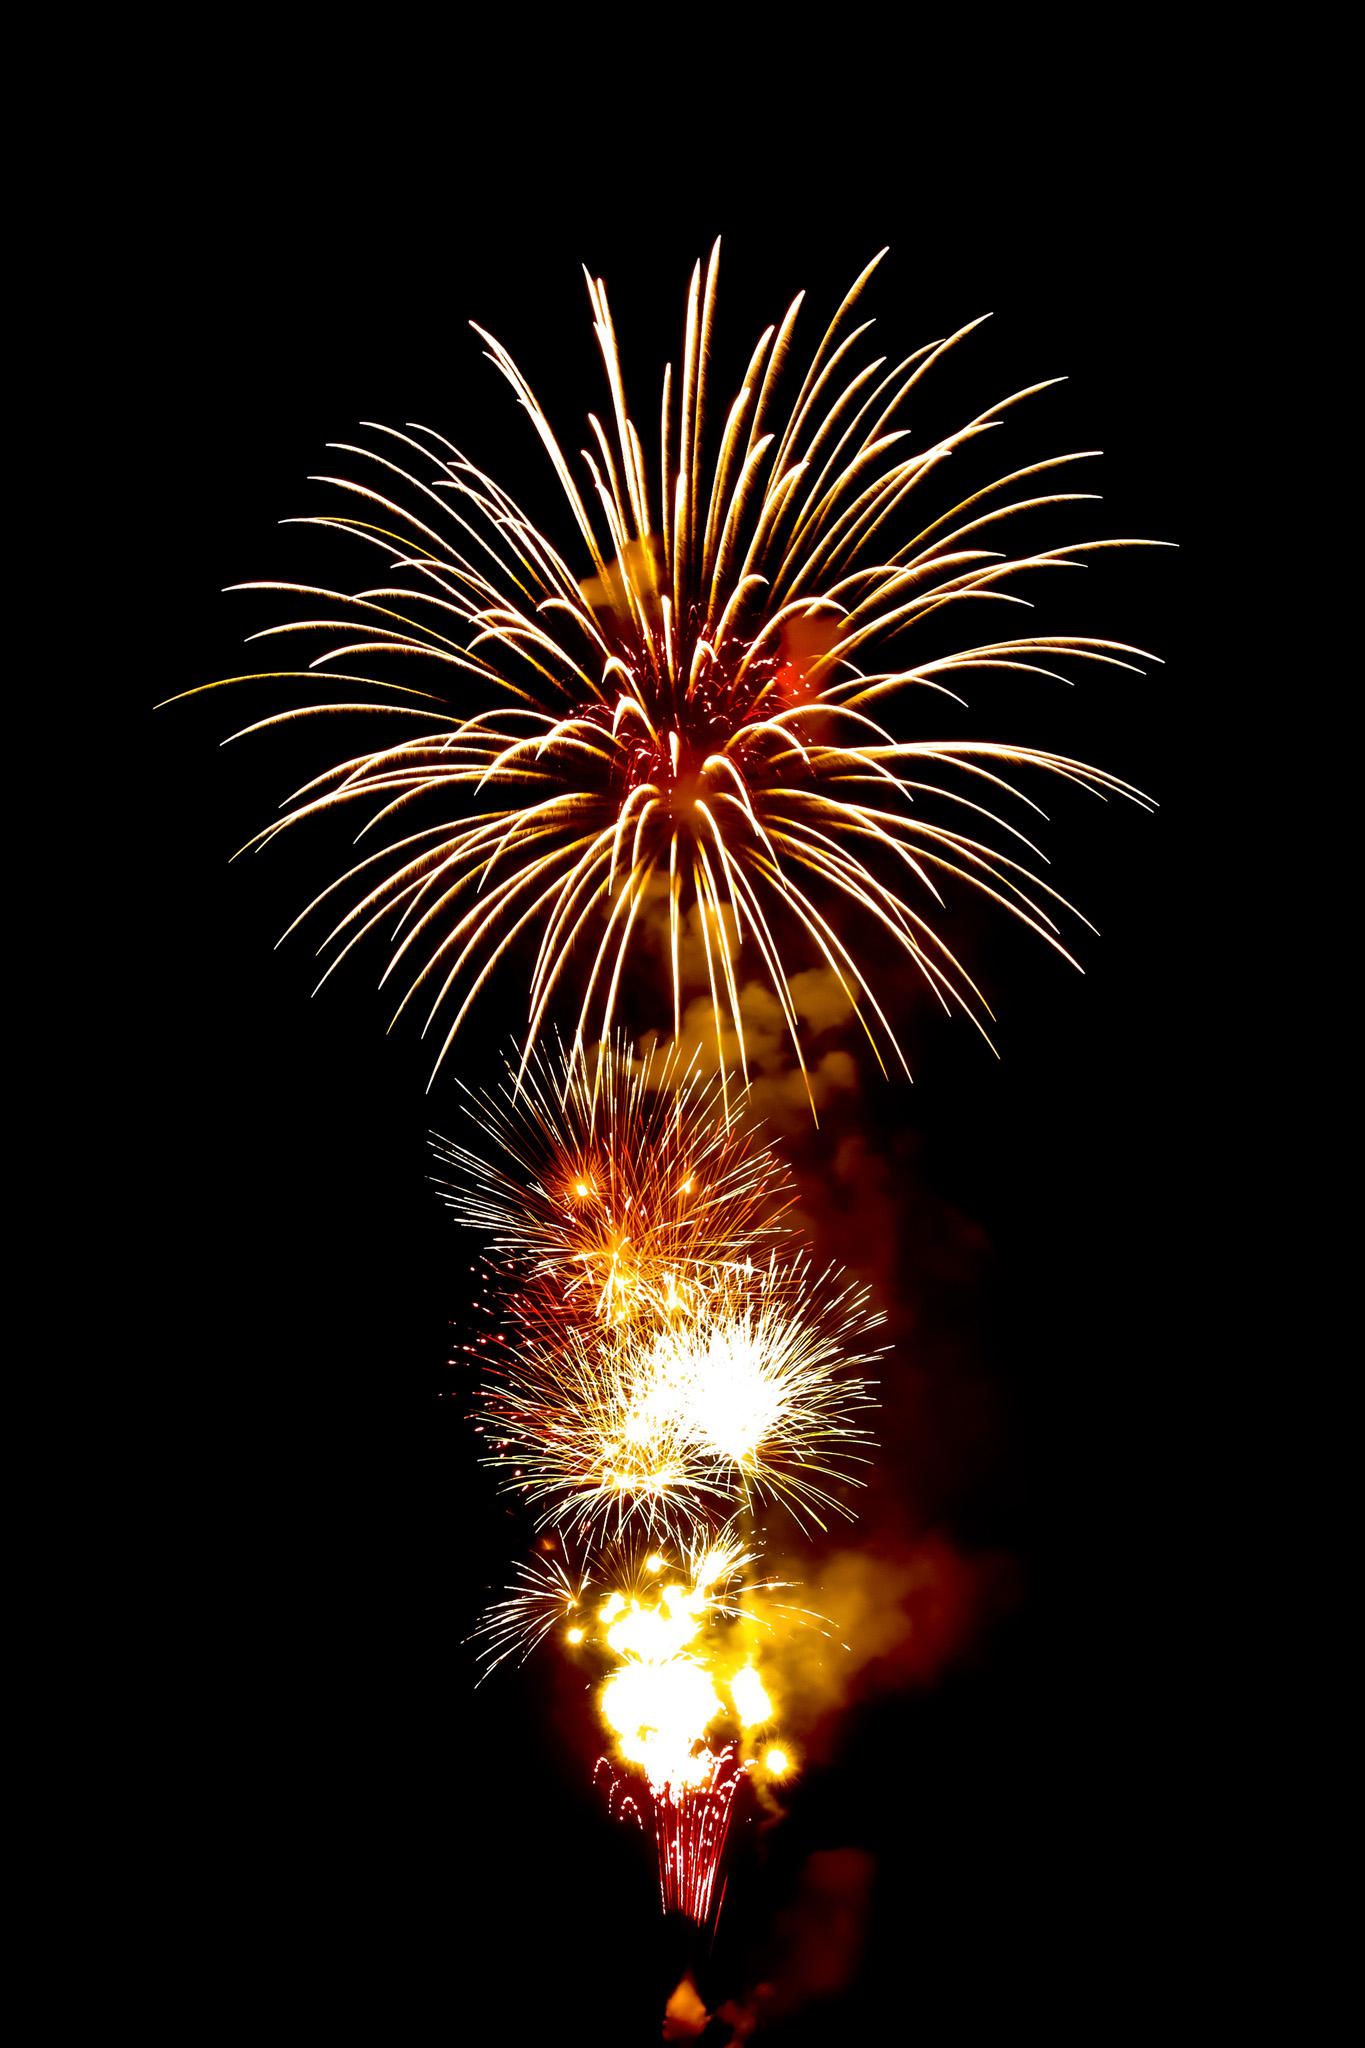 「菊玉と牡丹玉が魅せる花火大会」の画像を無料ダウンロード